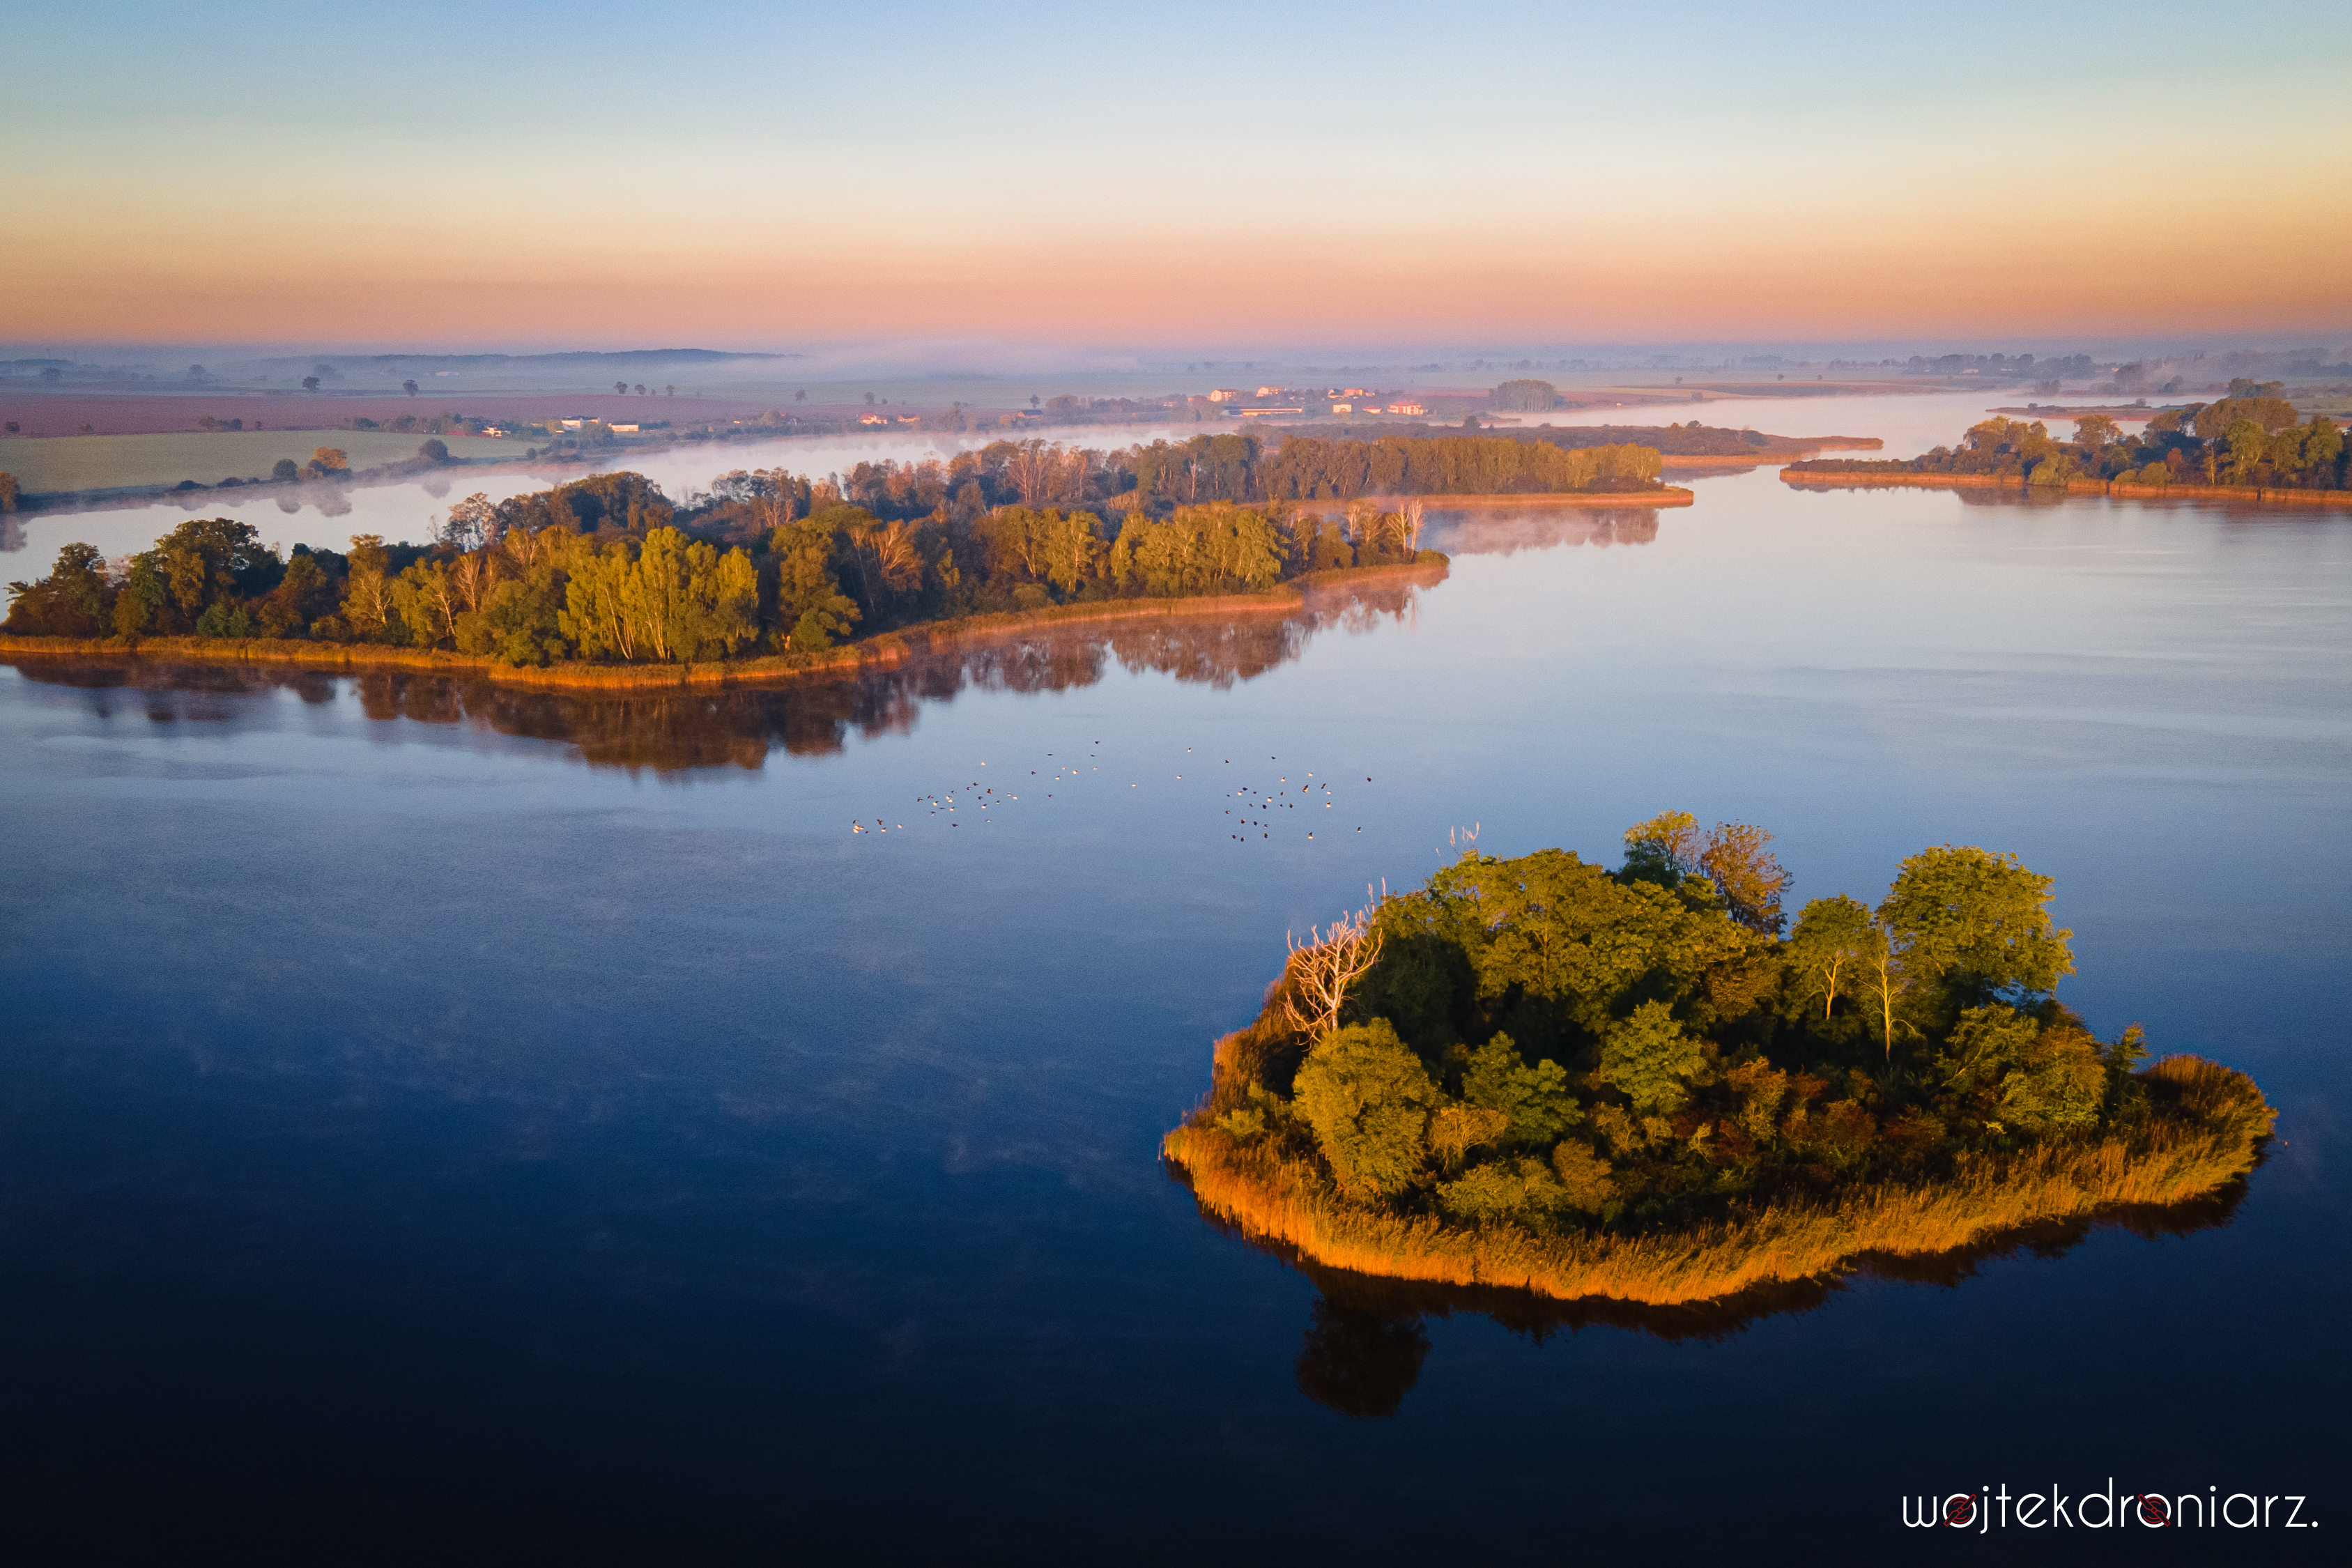 Jezioro Bytyńskie wyspy o poranku